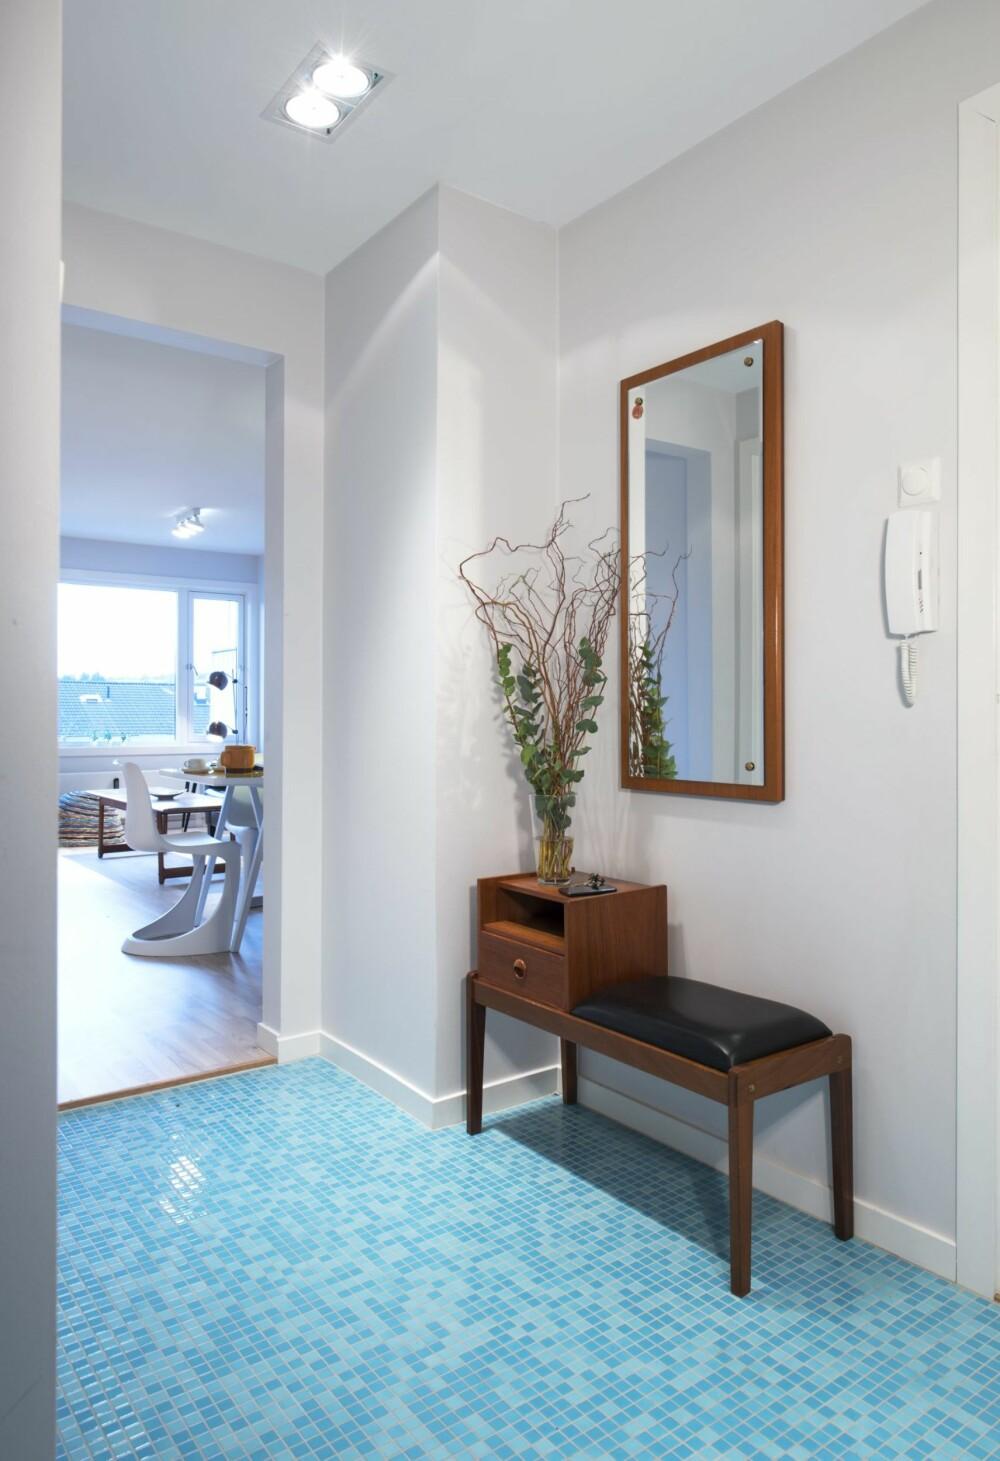 LUFTIG OG LYST: Døren til stuen er fjernet, og lyset flommer inn i den vindusløse gangen. Beboerne fortsetter å dyrke 50-, 60-tallsstilen som var her da de flyttet inn, og som speiler tiden leiligheten ble bygget i. Mosaikkfliser på gulvet forbindes oftest med baderom, men kan beviselig også benyttes i andre rom som er utsatt for særlig vannsøl og slitasje. Flisene i paletten Siros er fra Cesiceramica, Flisekompaniet.